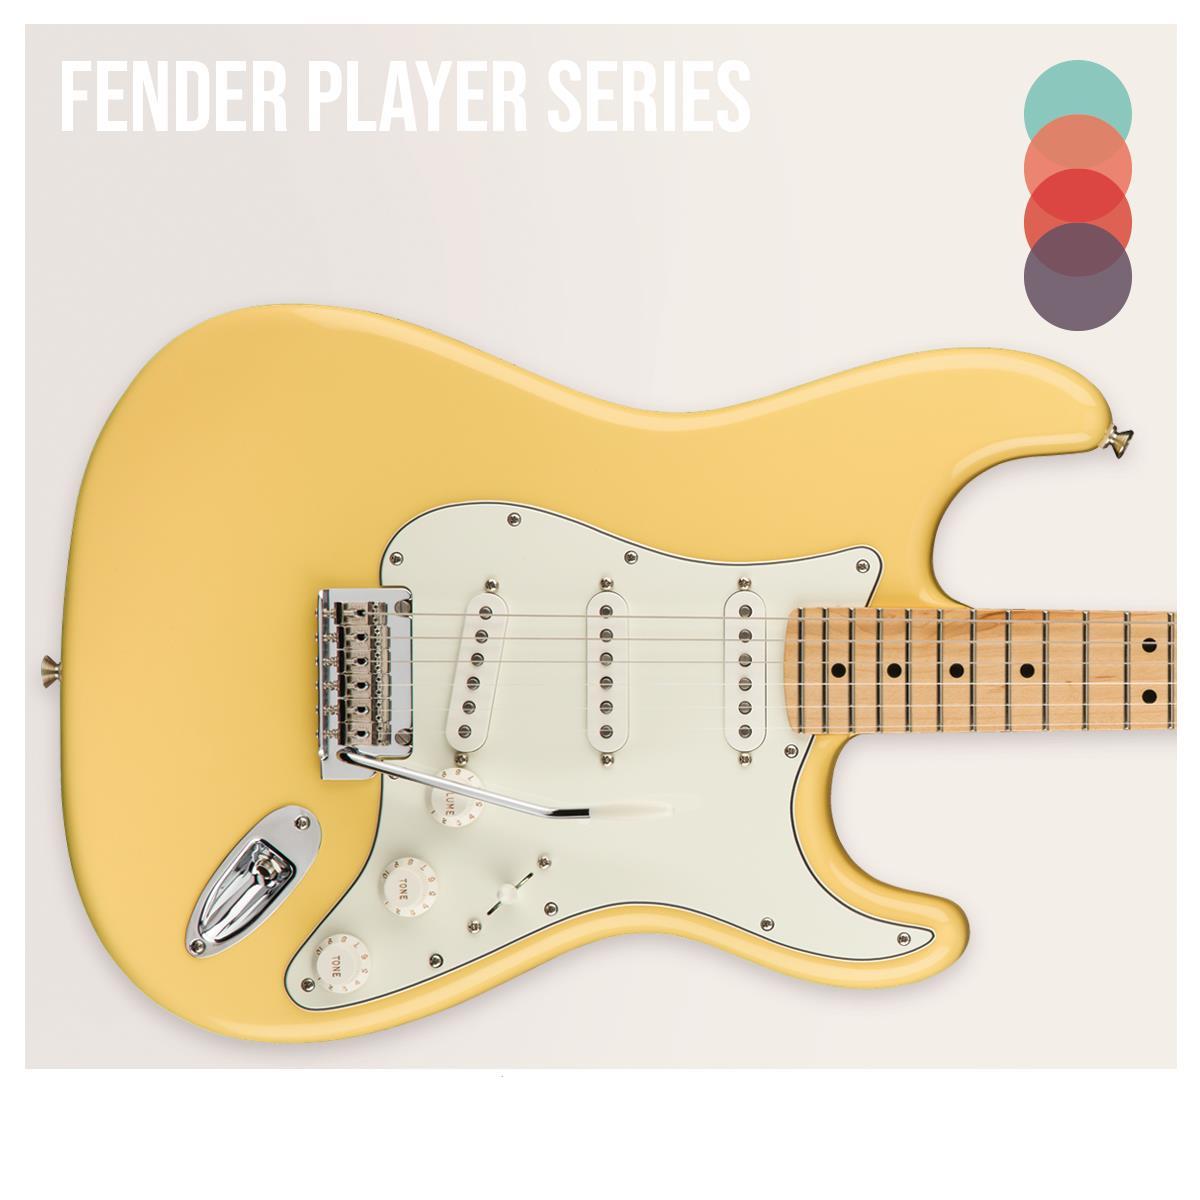 """Una serie que esta sustituyendo a la Standard, modificando el mástil (estilo C), unas pastillas diseñadas por Fender con el nombre de """"Player Series Alnico"""" y una manufactura mexicana. ¡Corre por la tuya!"""